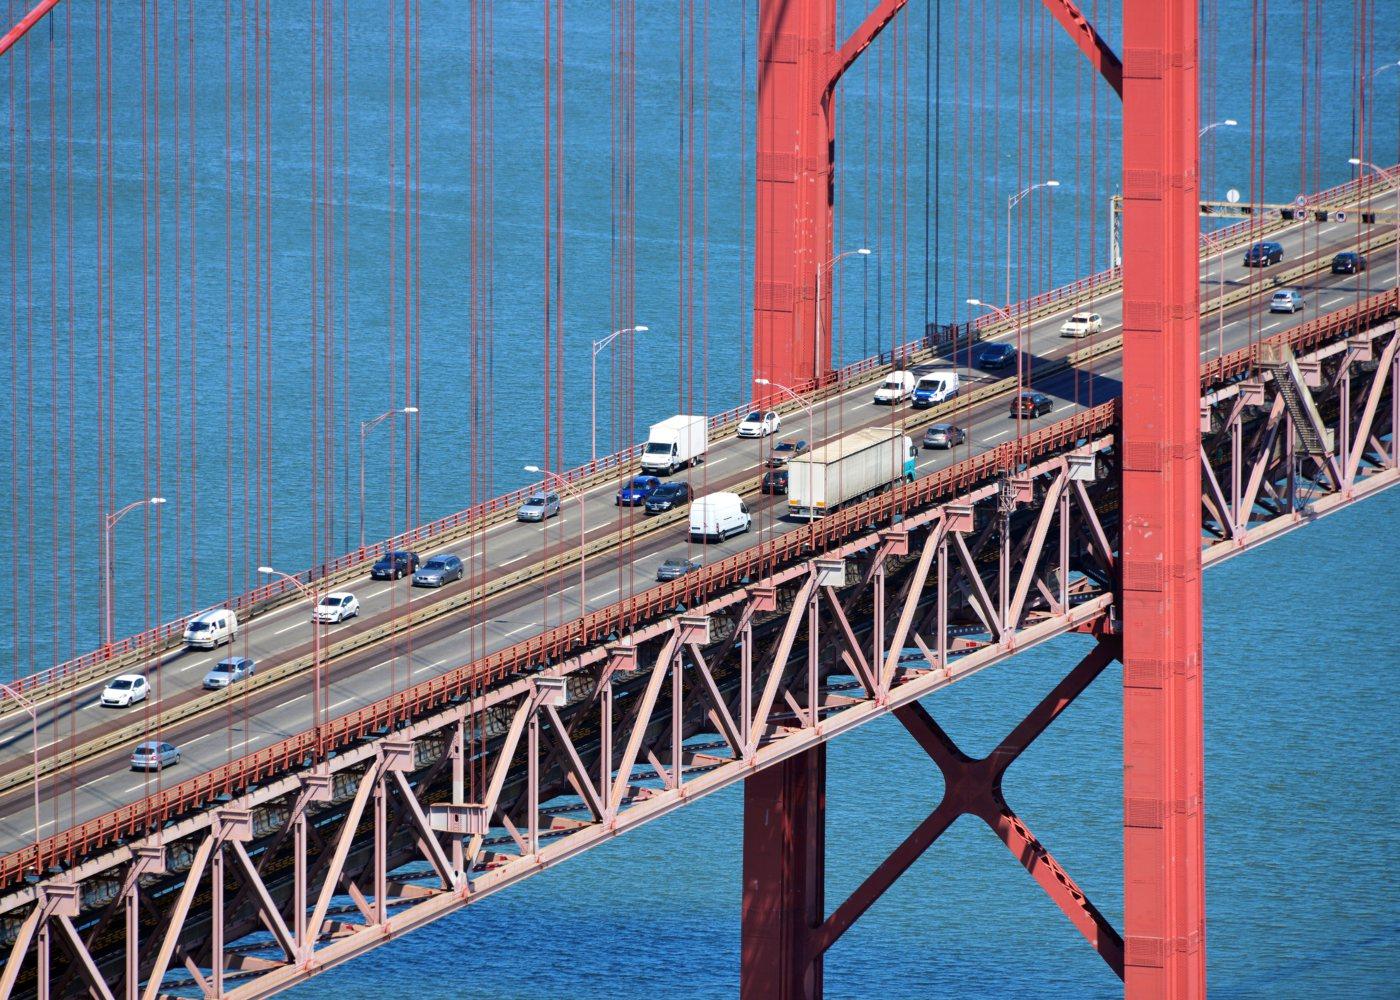 Carros a circular numa ponte